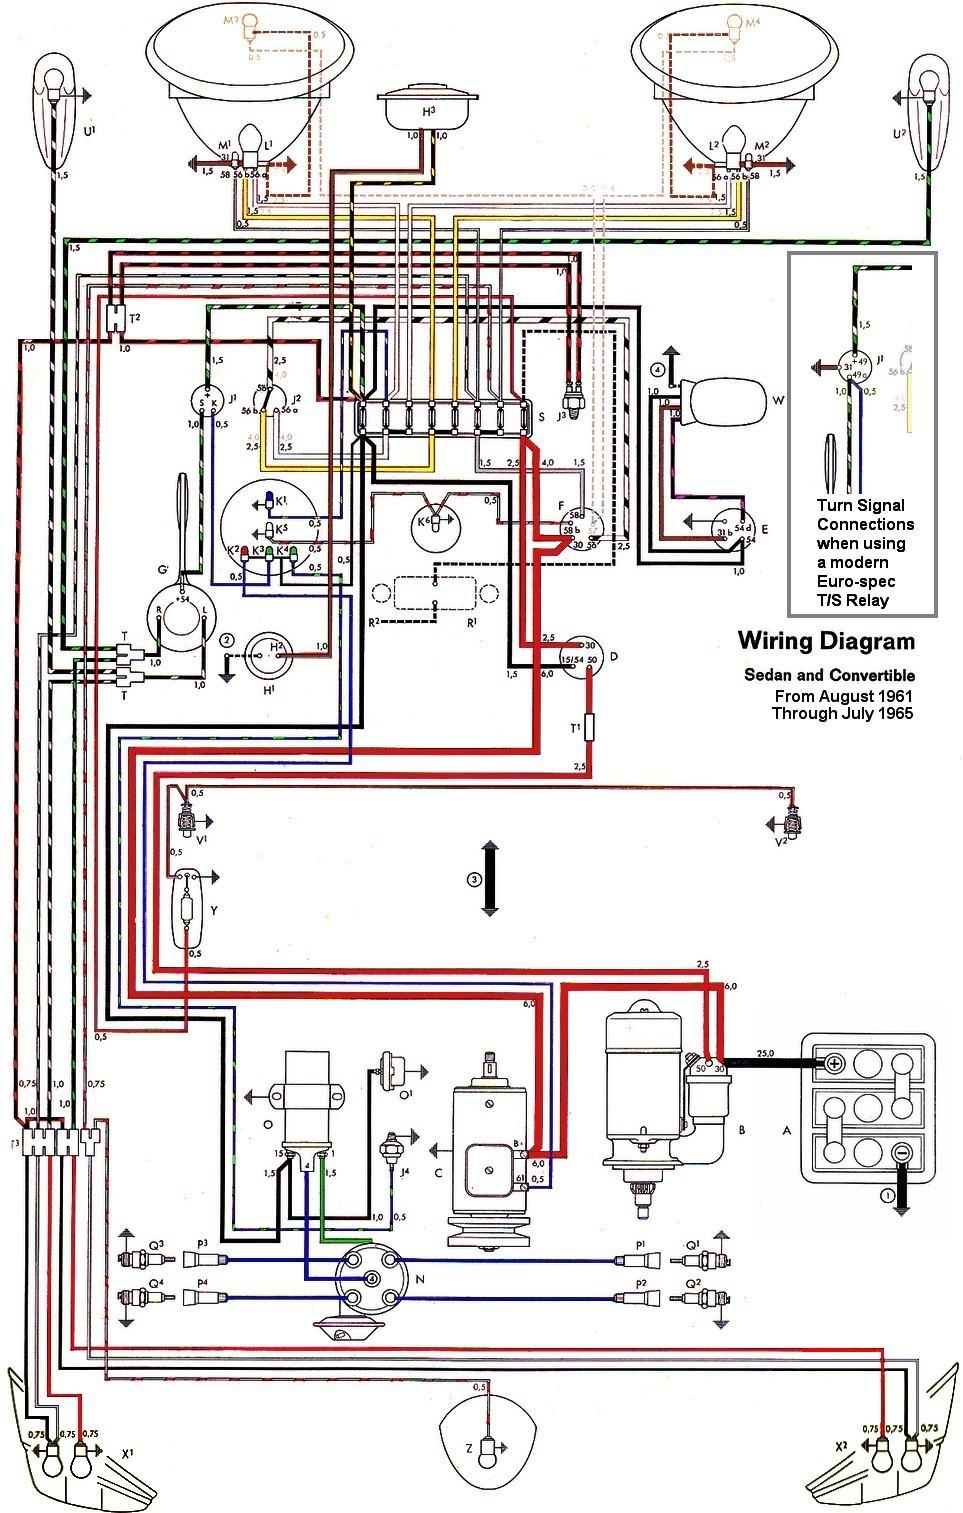 Thesamba Type 1 Wiring Diagrams 1973 Vw Super Beetle Wiring Diagram 4 1973 Vw Super Beetle Wiring Diagram